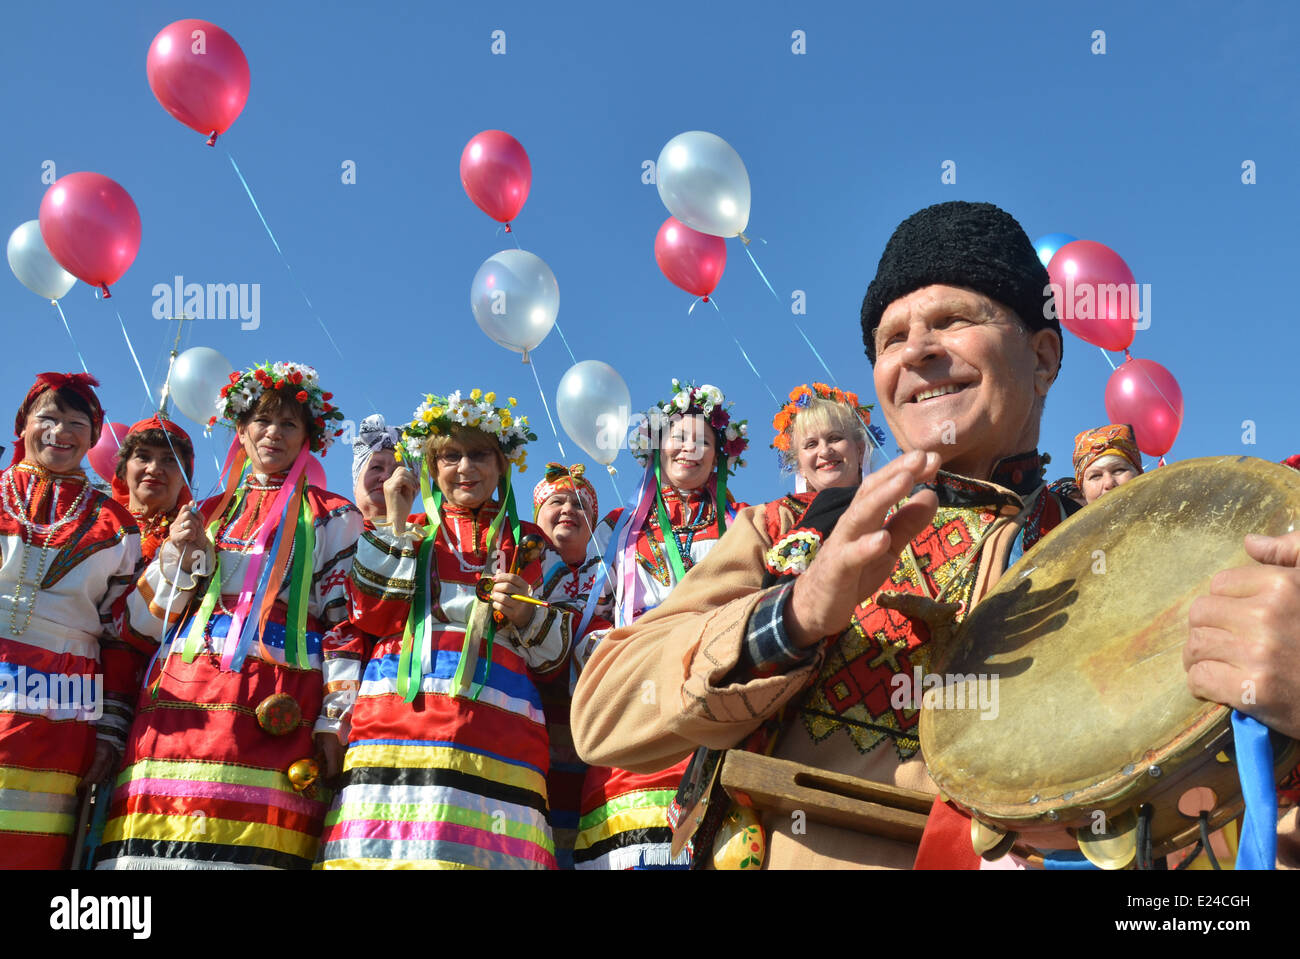 Costumes folkloriques ukrainiennes Banque D'Images